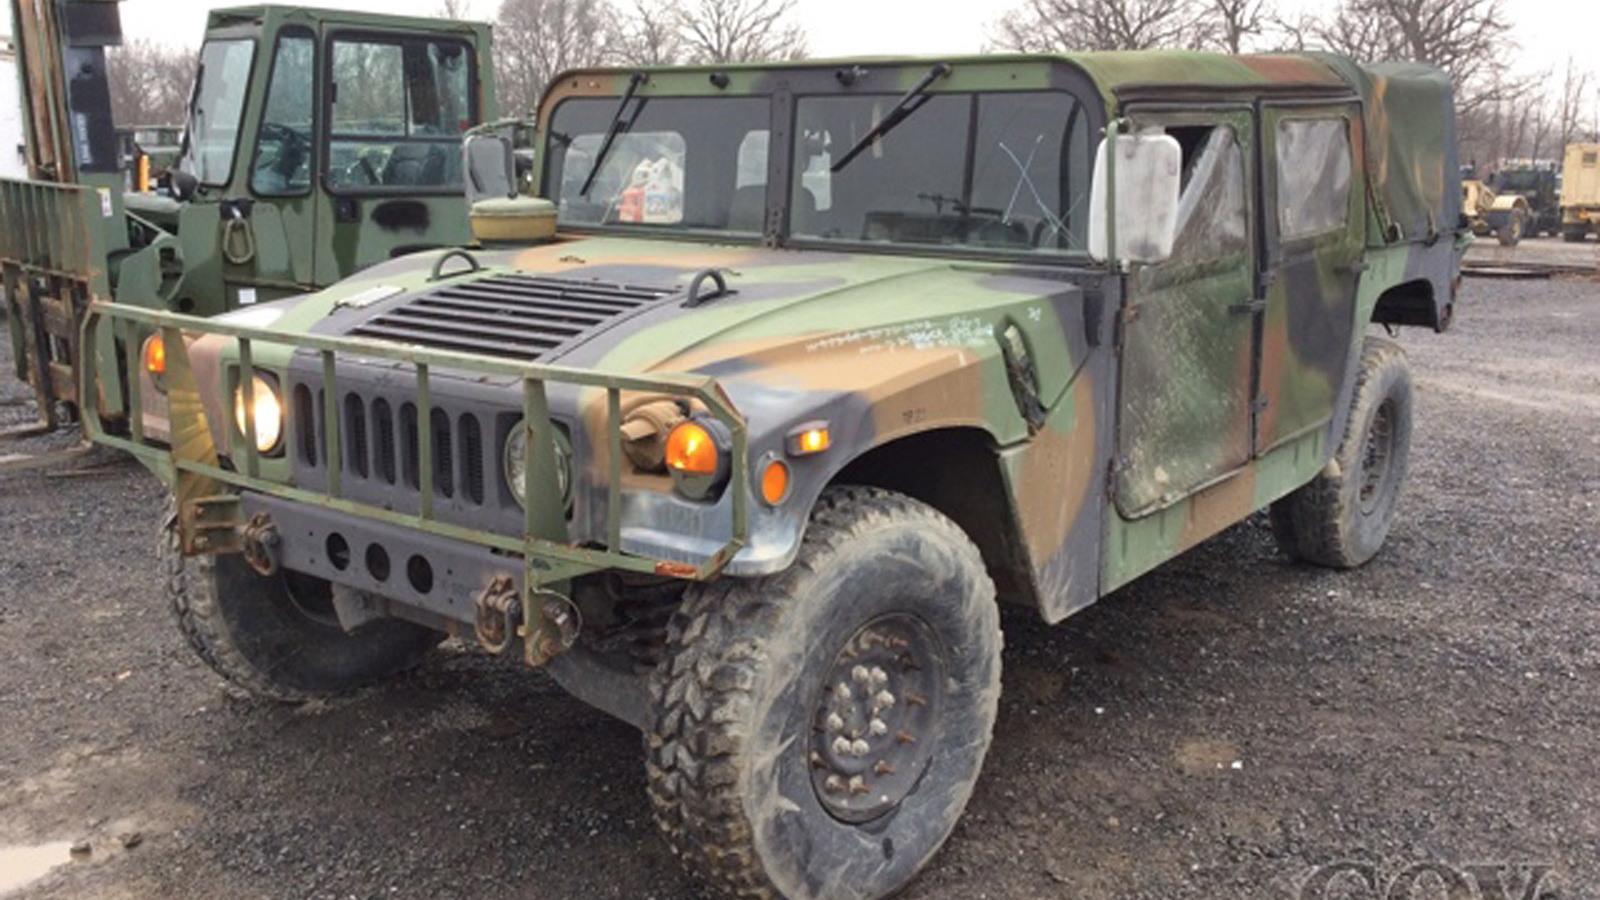 Army surplus Humvee - Image via GovPlanet